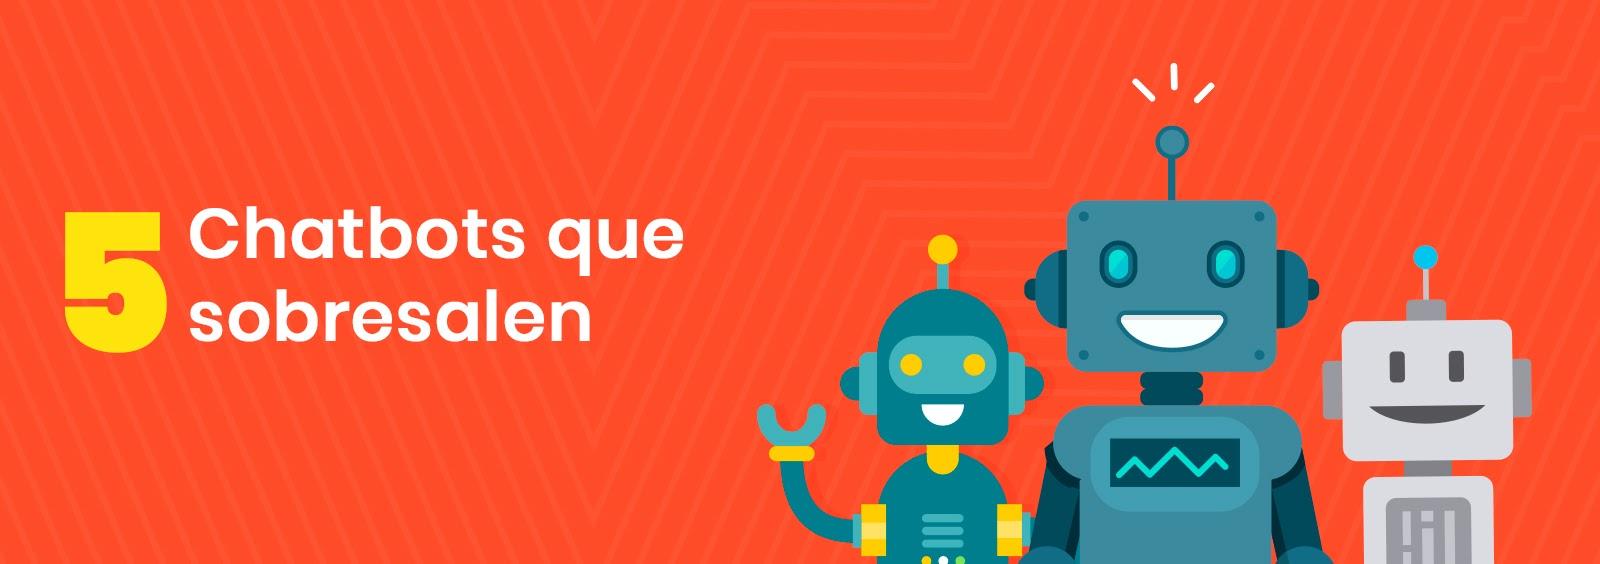 5 chatbots que sobresalen